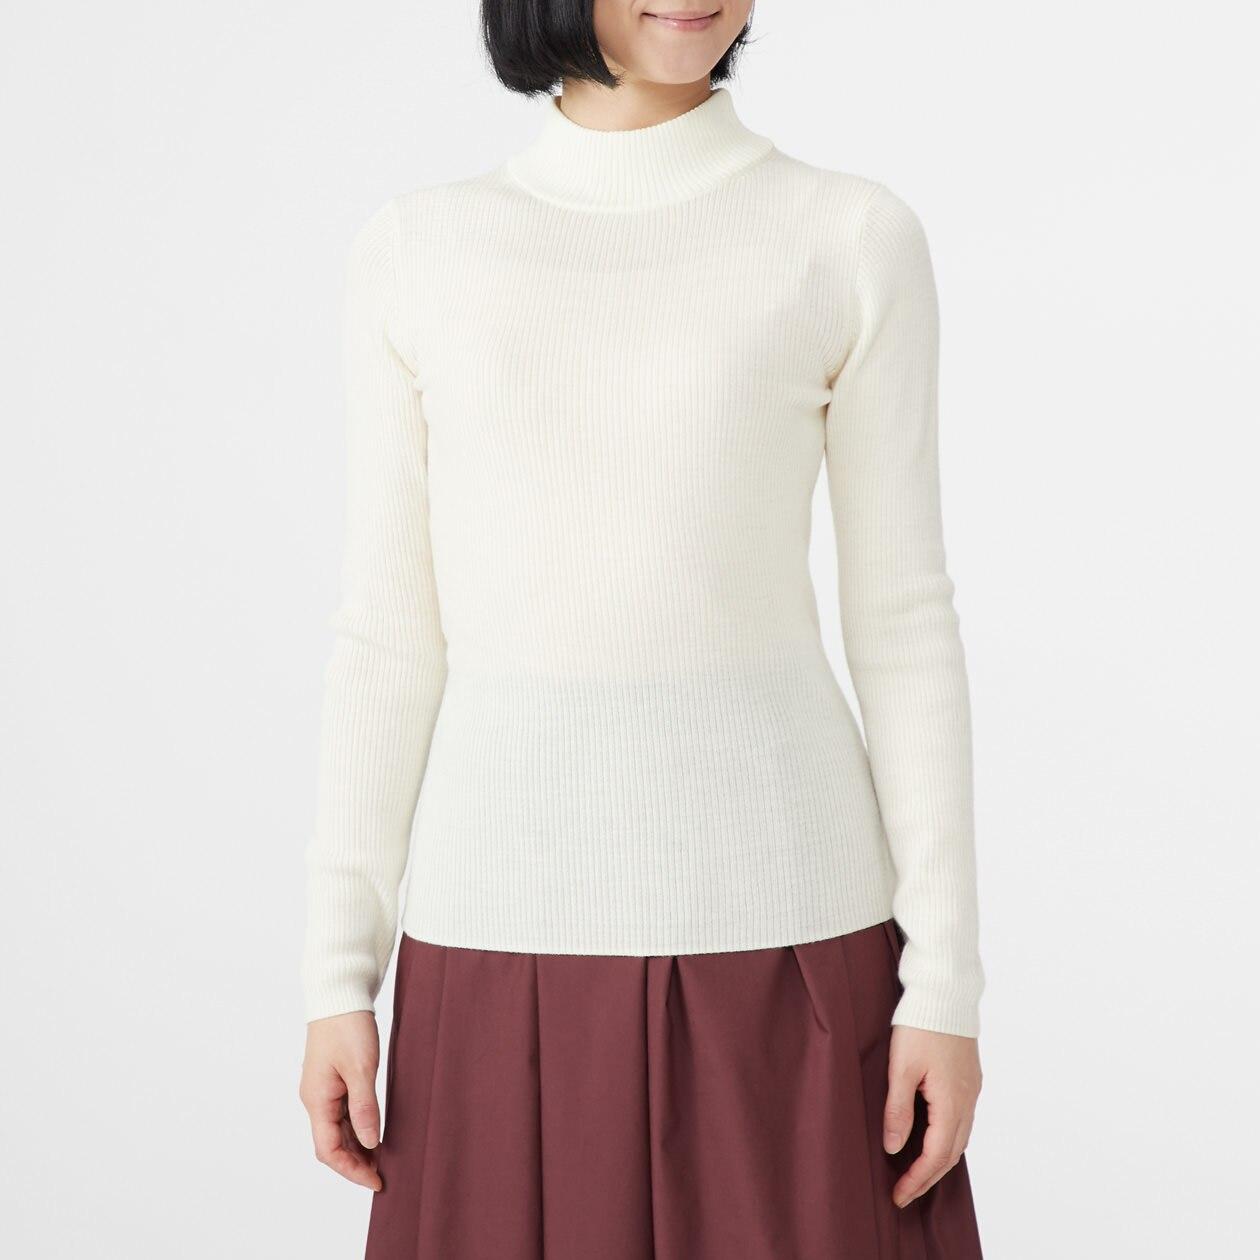 首のチクチクをおさえた 洗えるリブ編みハイネックセーター